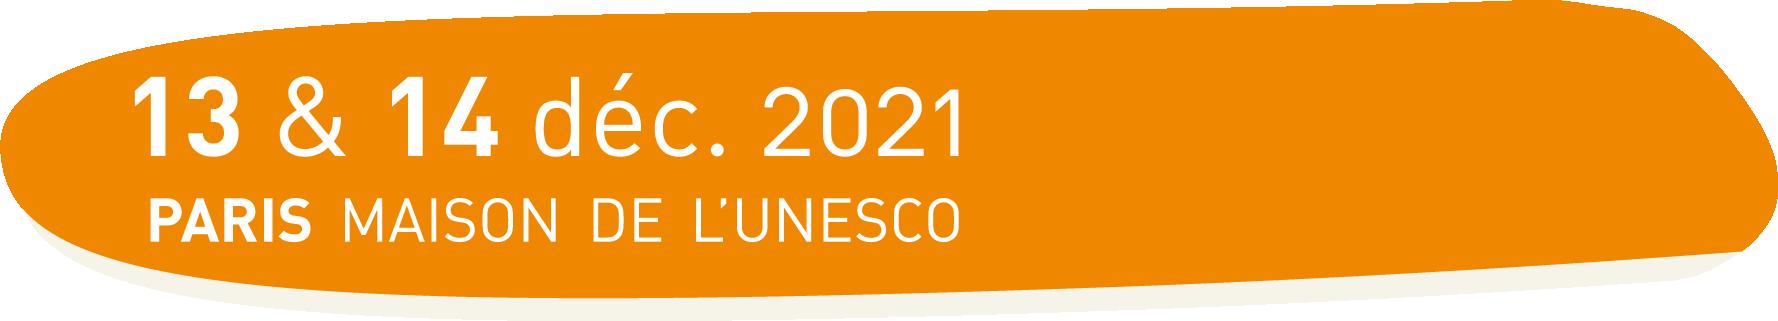 13 & 14 décembre 2021 - Maison de l'Unesco - Paris